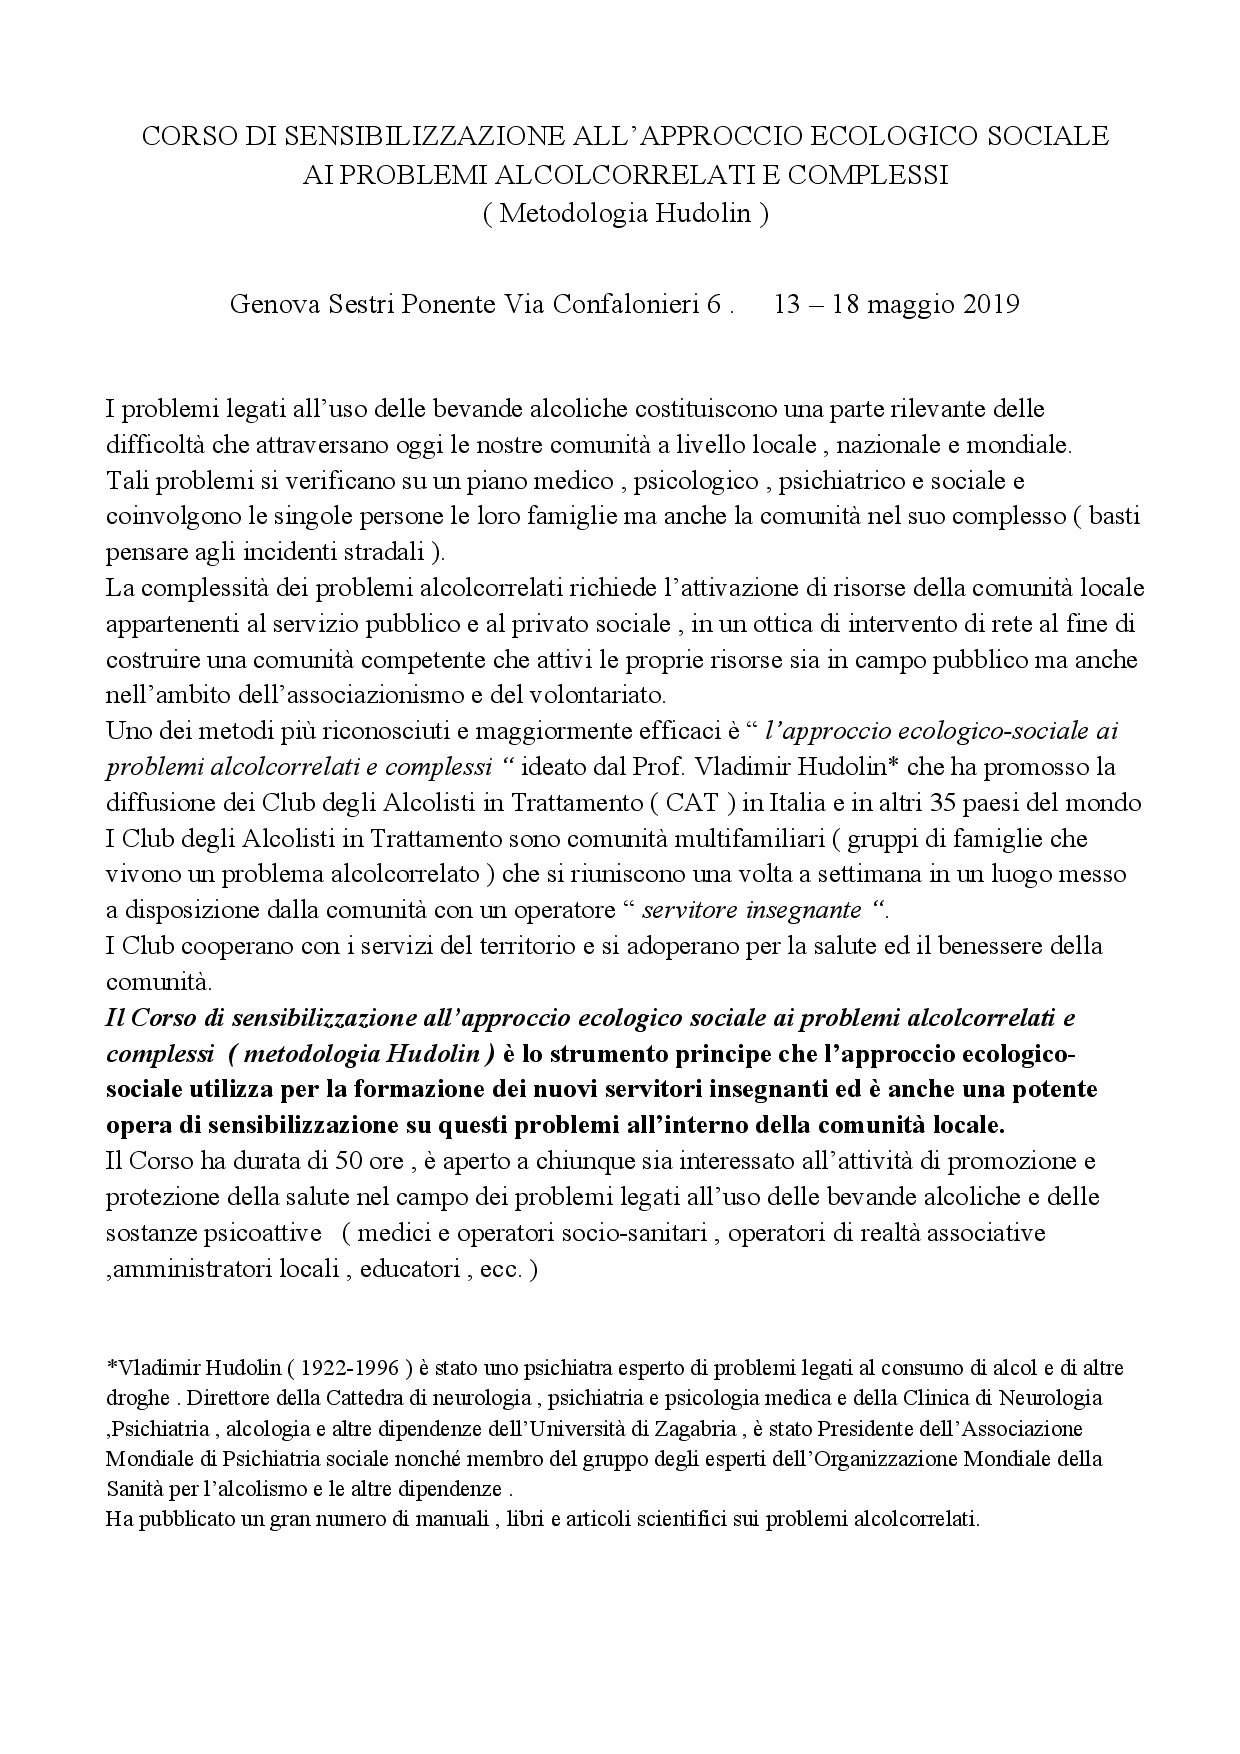 programma-preliminare-cds-genova-maggio-2019-003